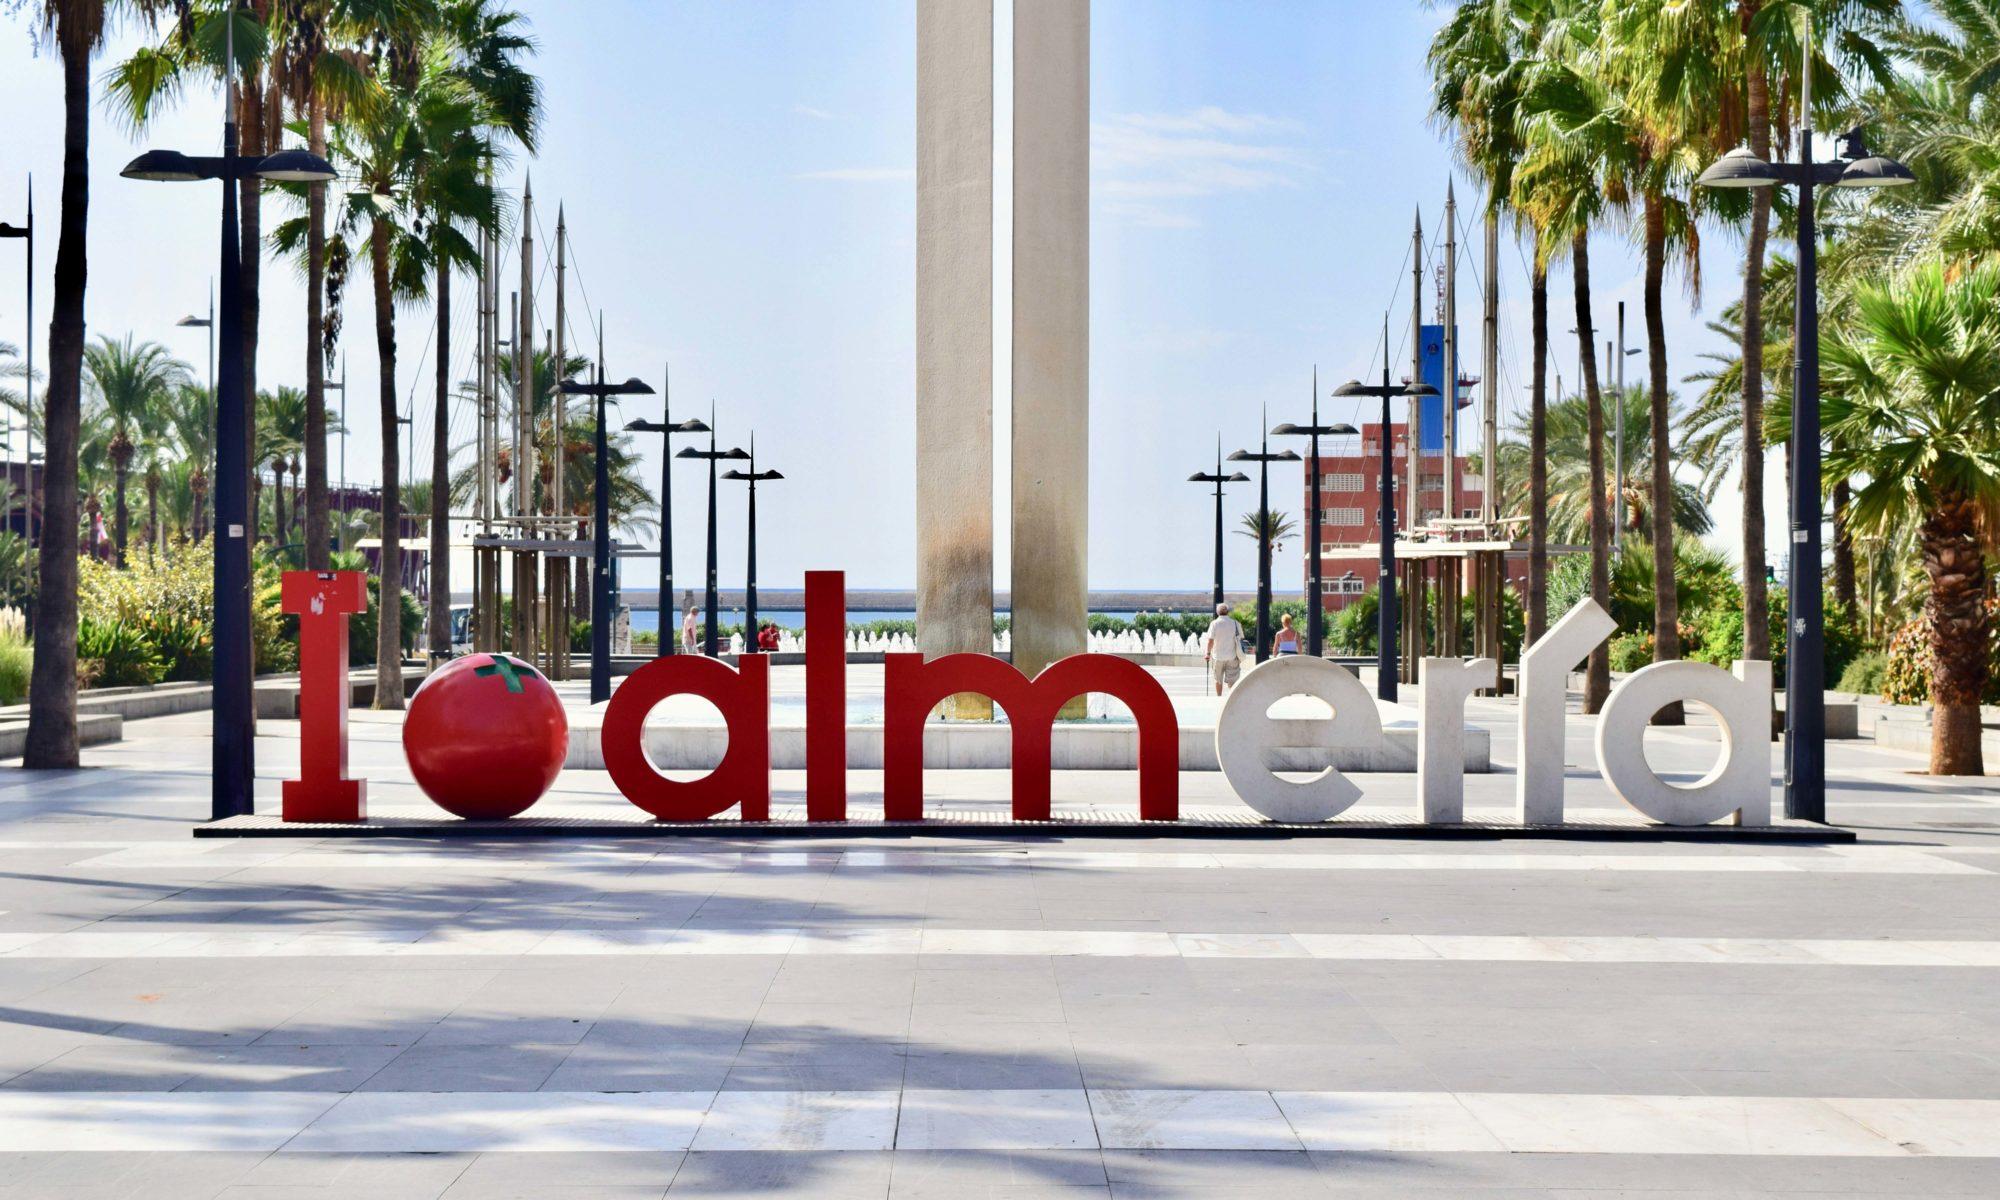 Gratis in Almería: 10 kostenlose Highlights